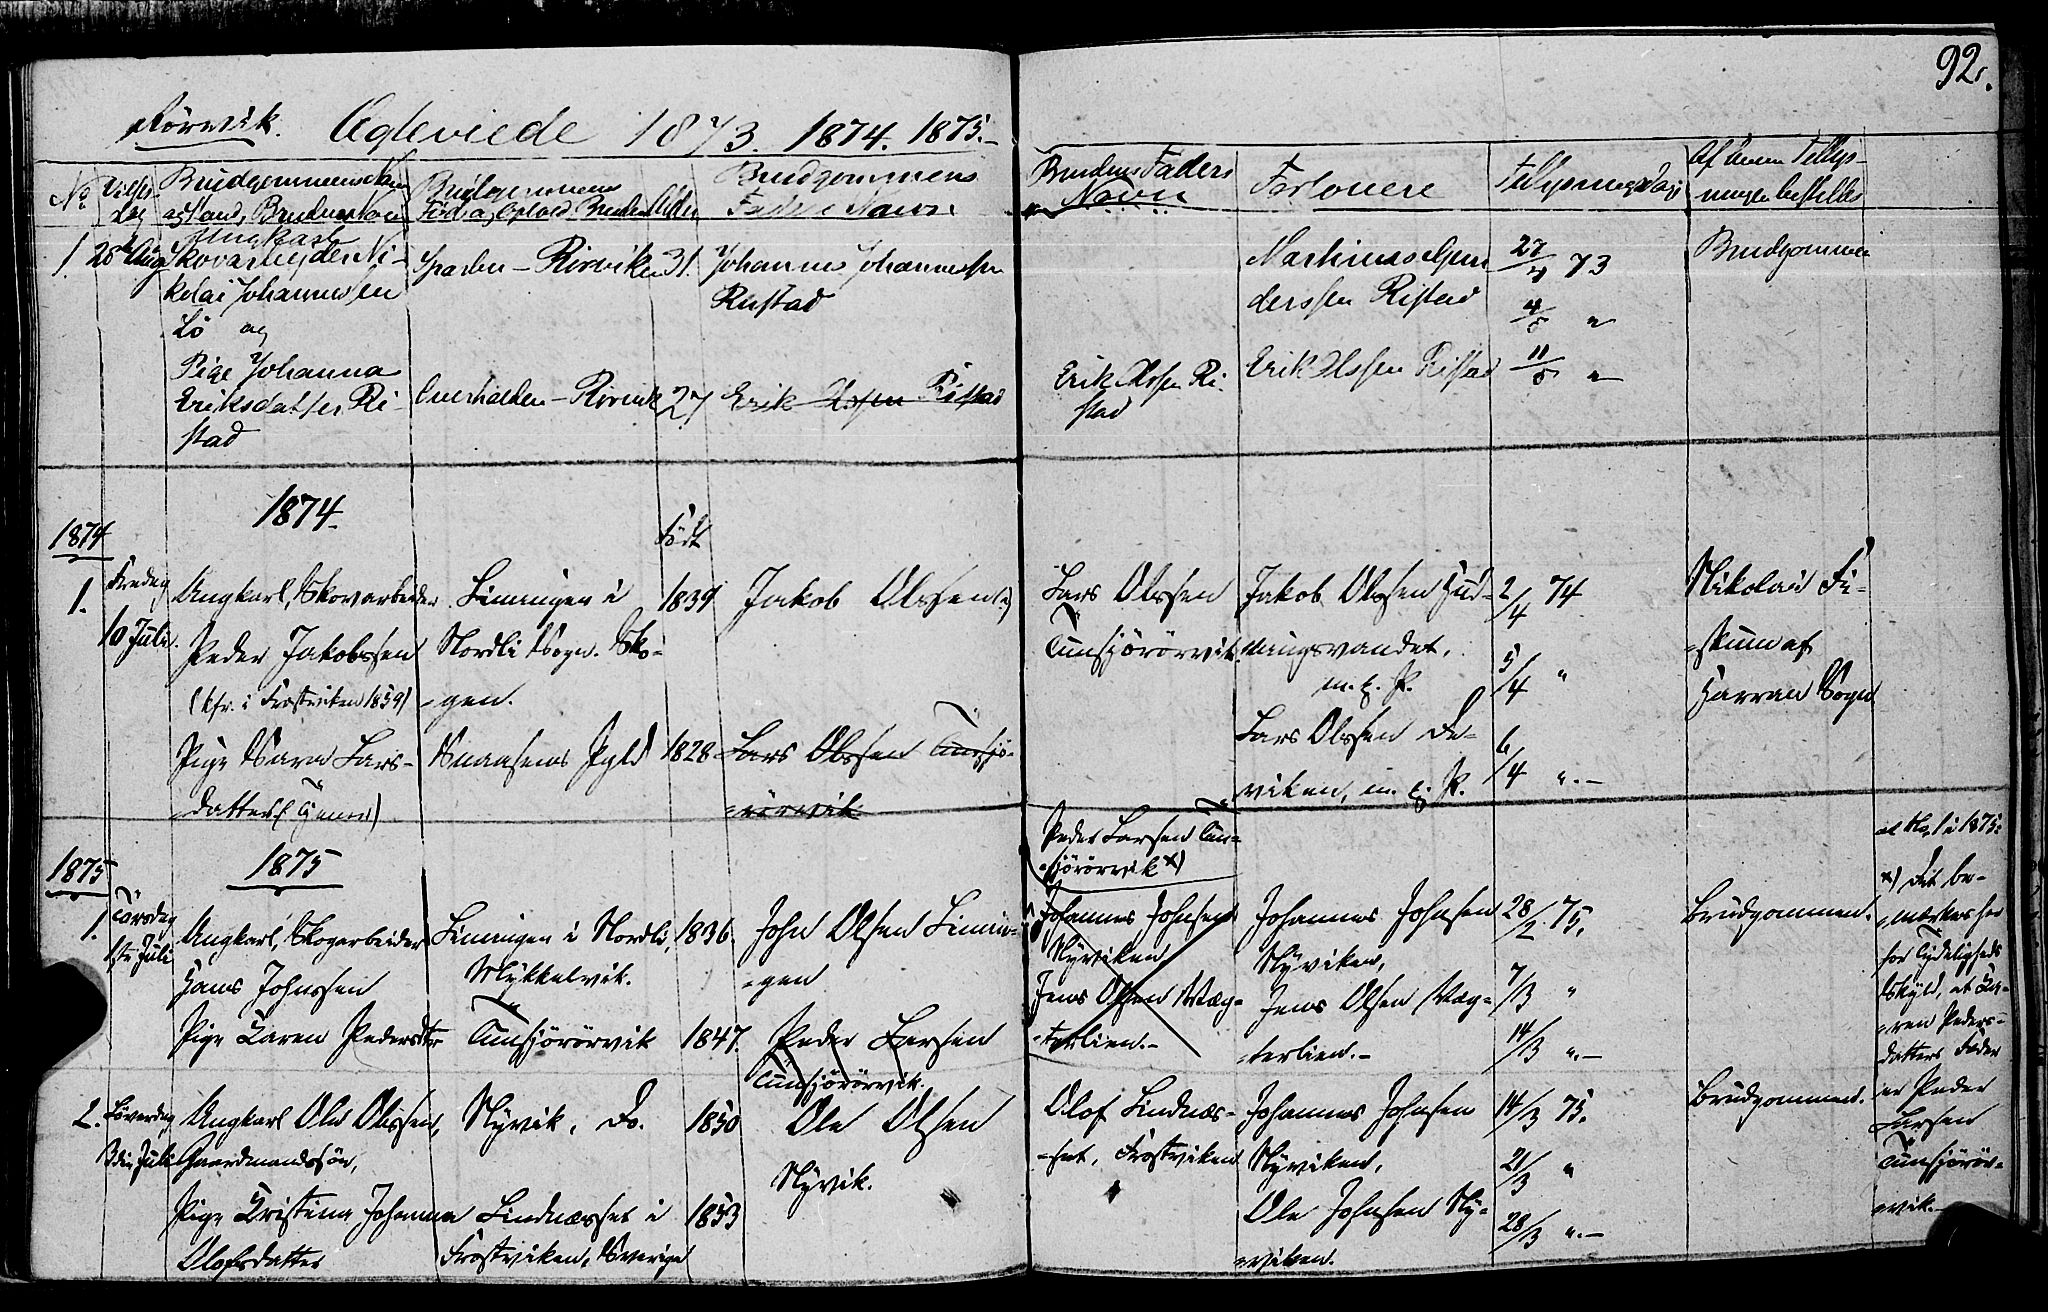 SAT, Ministerialprotokoller, klokkerbøker og fødselsregistre - Nord-Trøndelag, 762/L0538: Ministerialbok nr. 762A02 /1, 1833-1879, s. 92